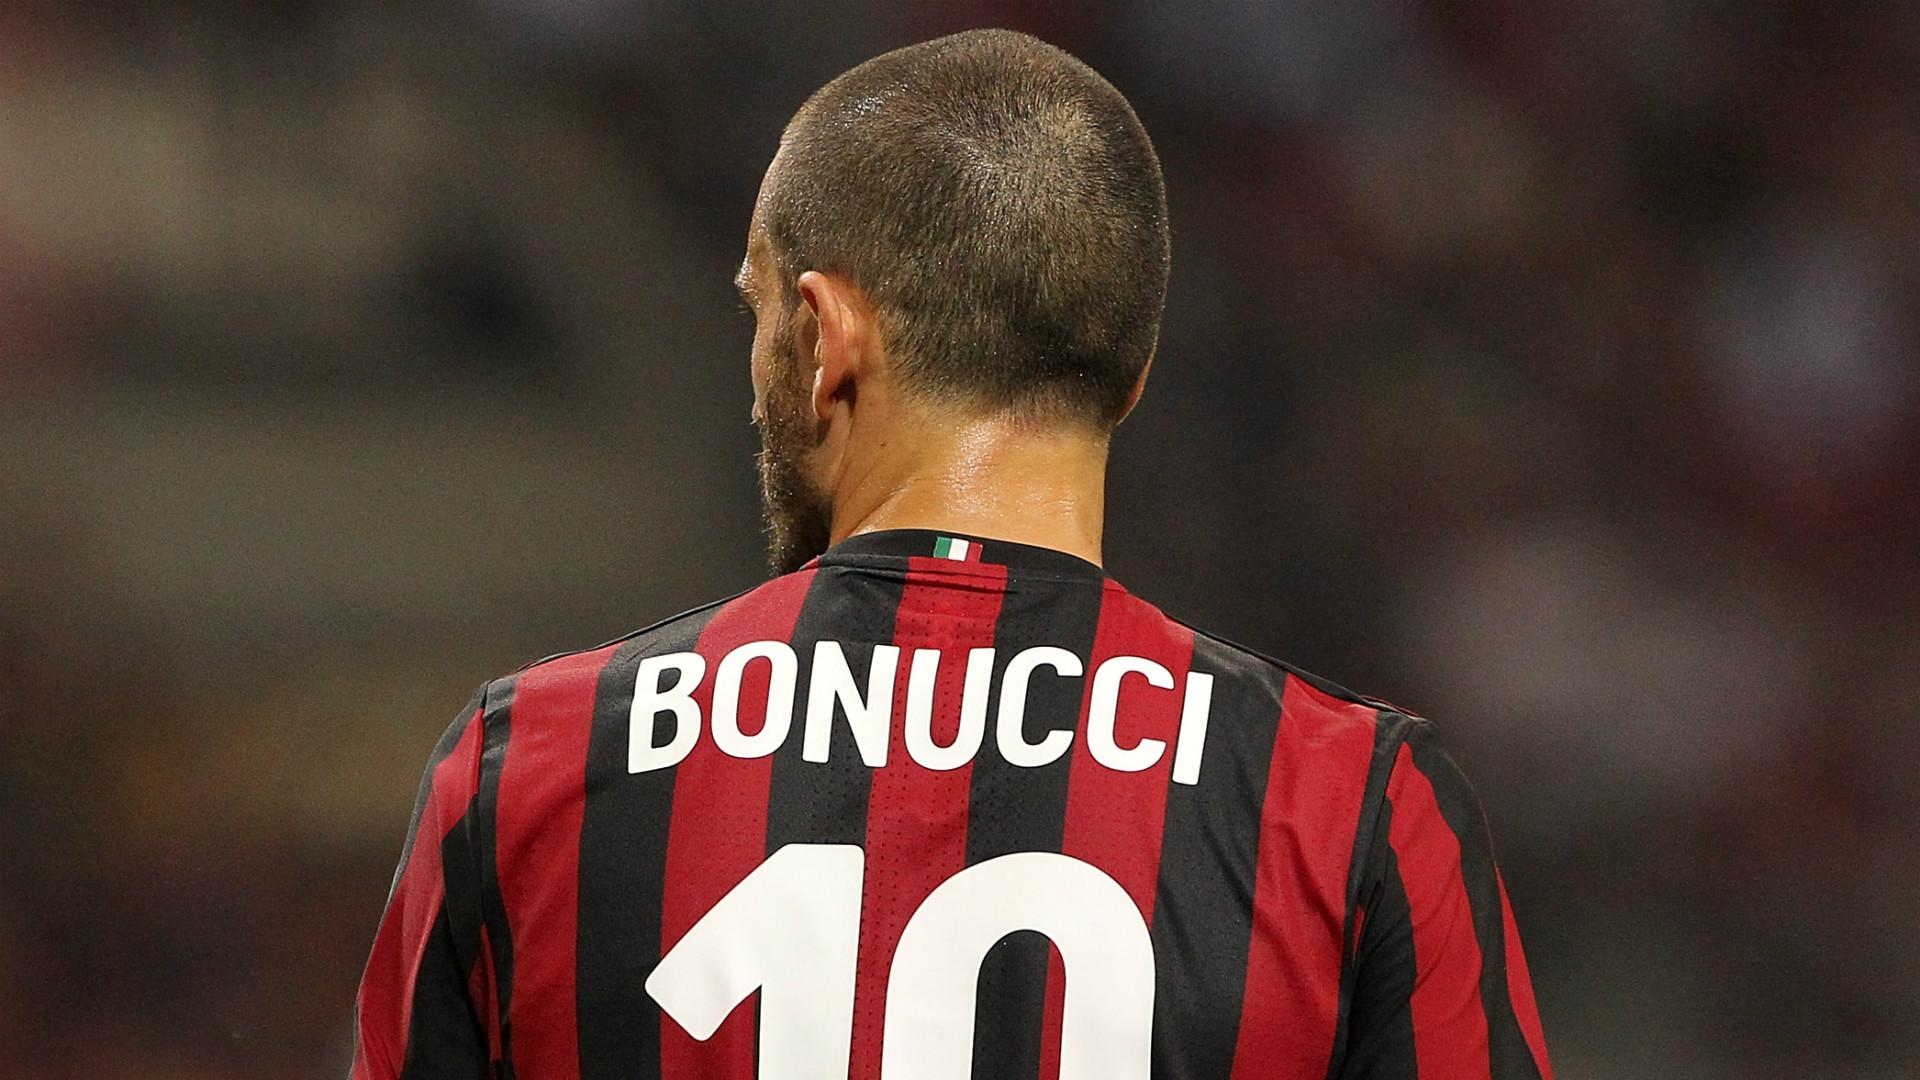 Bonucci et Higuain, joueurs les mieux payés de Serie A